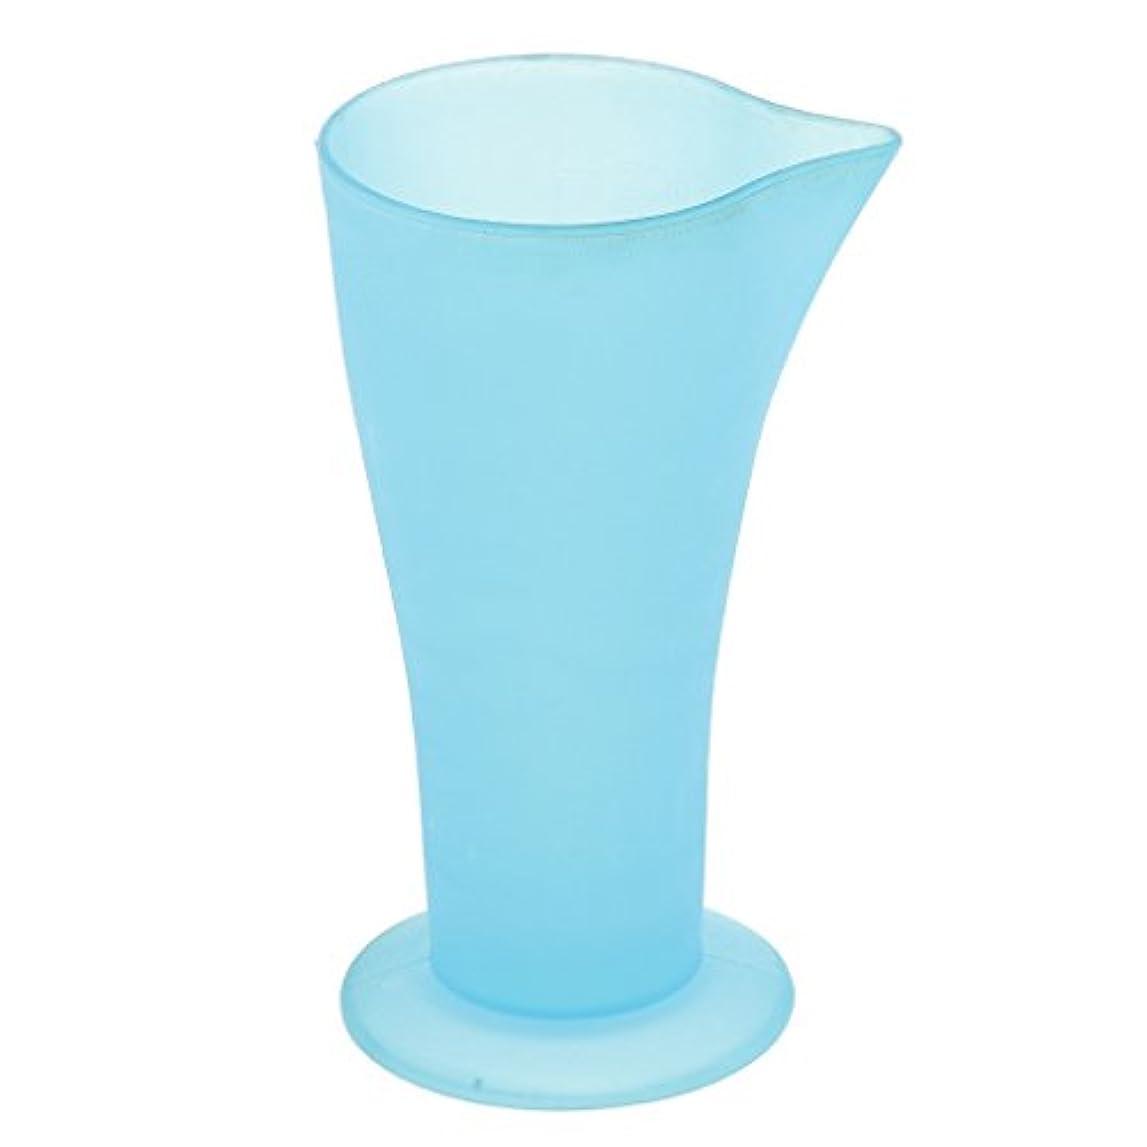 噴水方程式スタイルKesoto 計量カップ ヘアダイカップ ヘアカラーカップ ヘアダイ容器 ブルー プラスチック 再使用可能 髪型 サロン 髪の色合い 色測定カップ